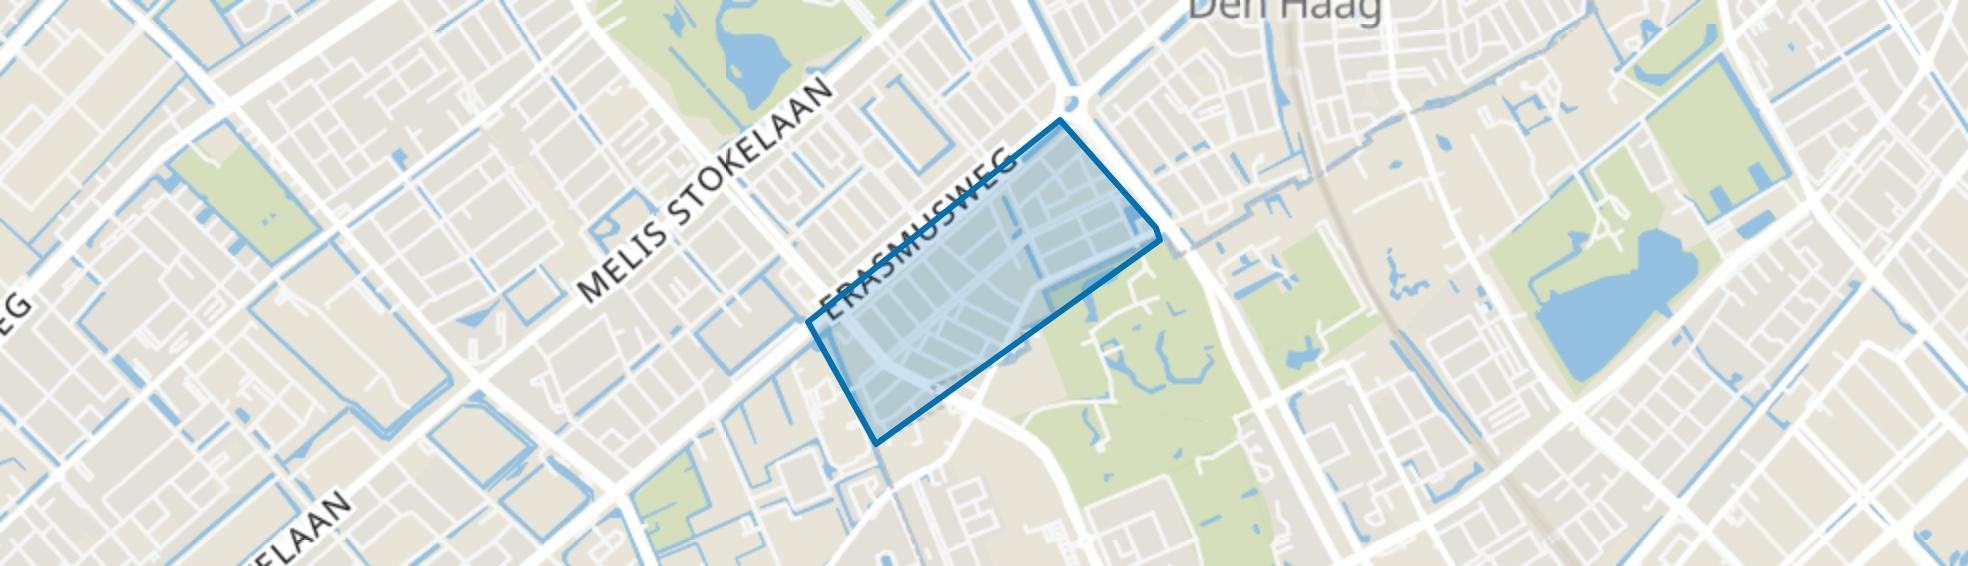 Moerwijk-Zuid, Den Haag map